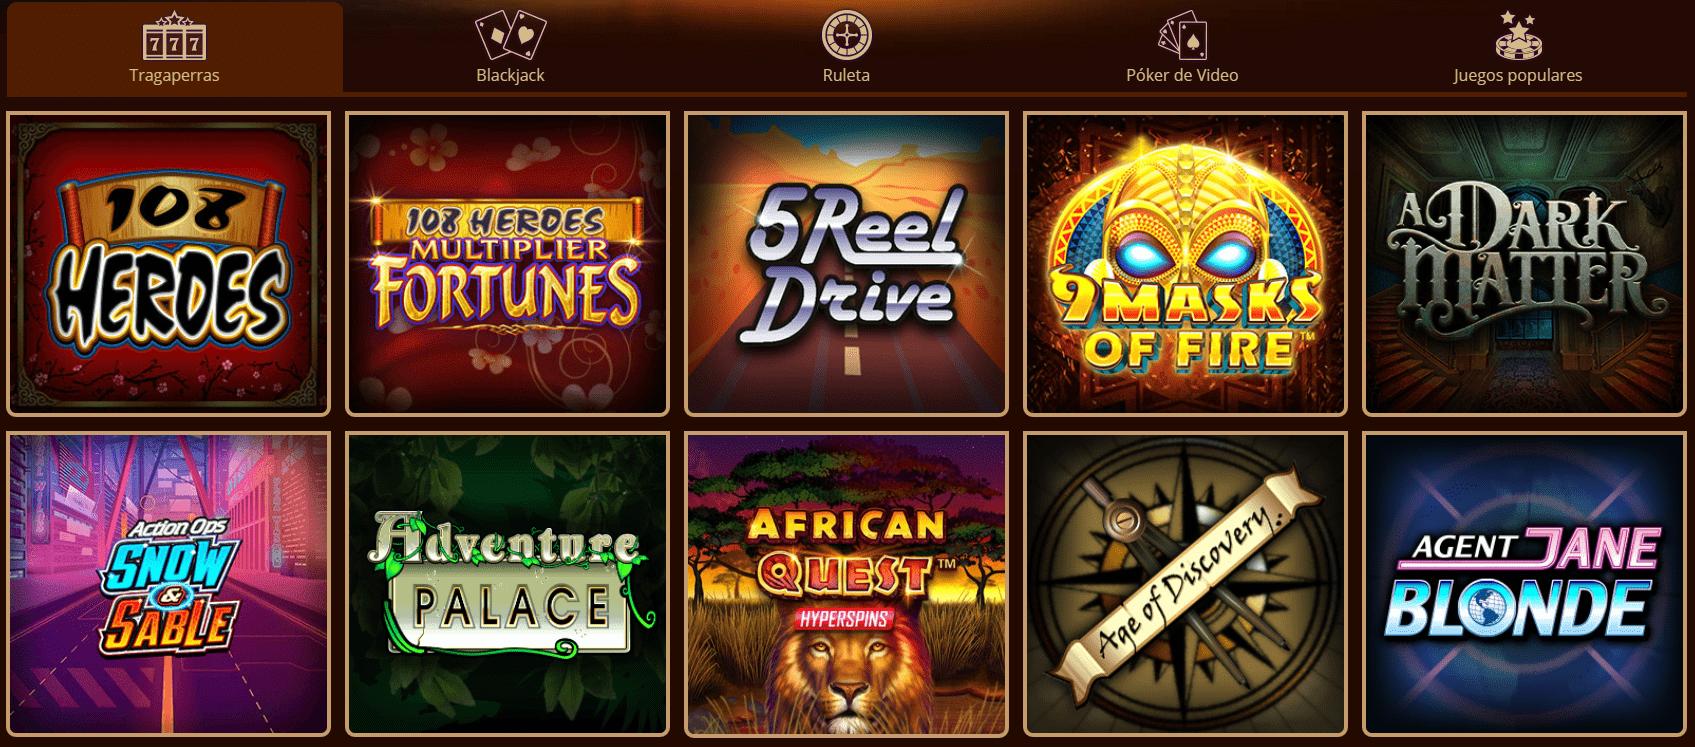 Lista Juegos River Belle Casino